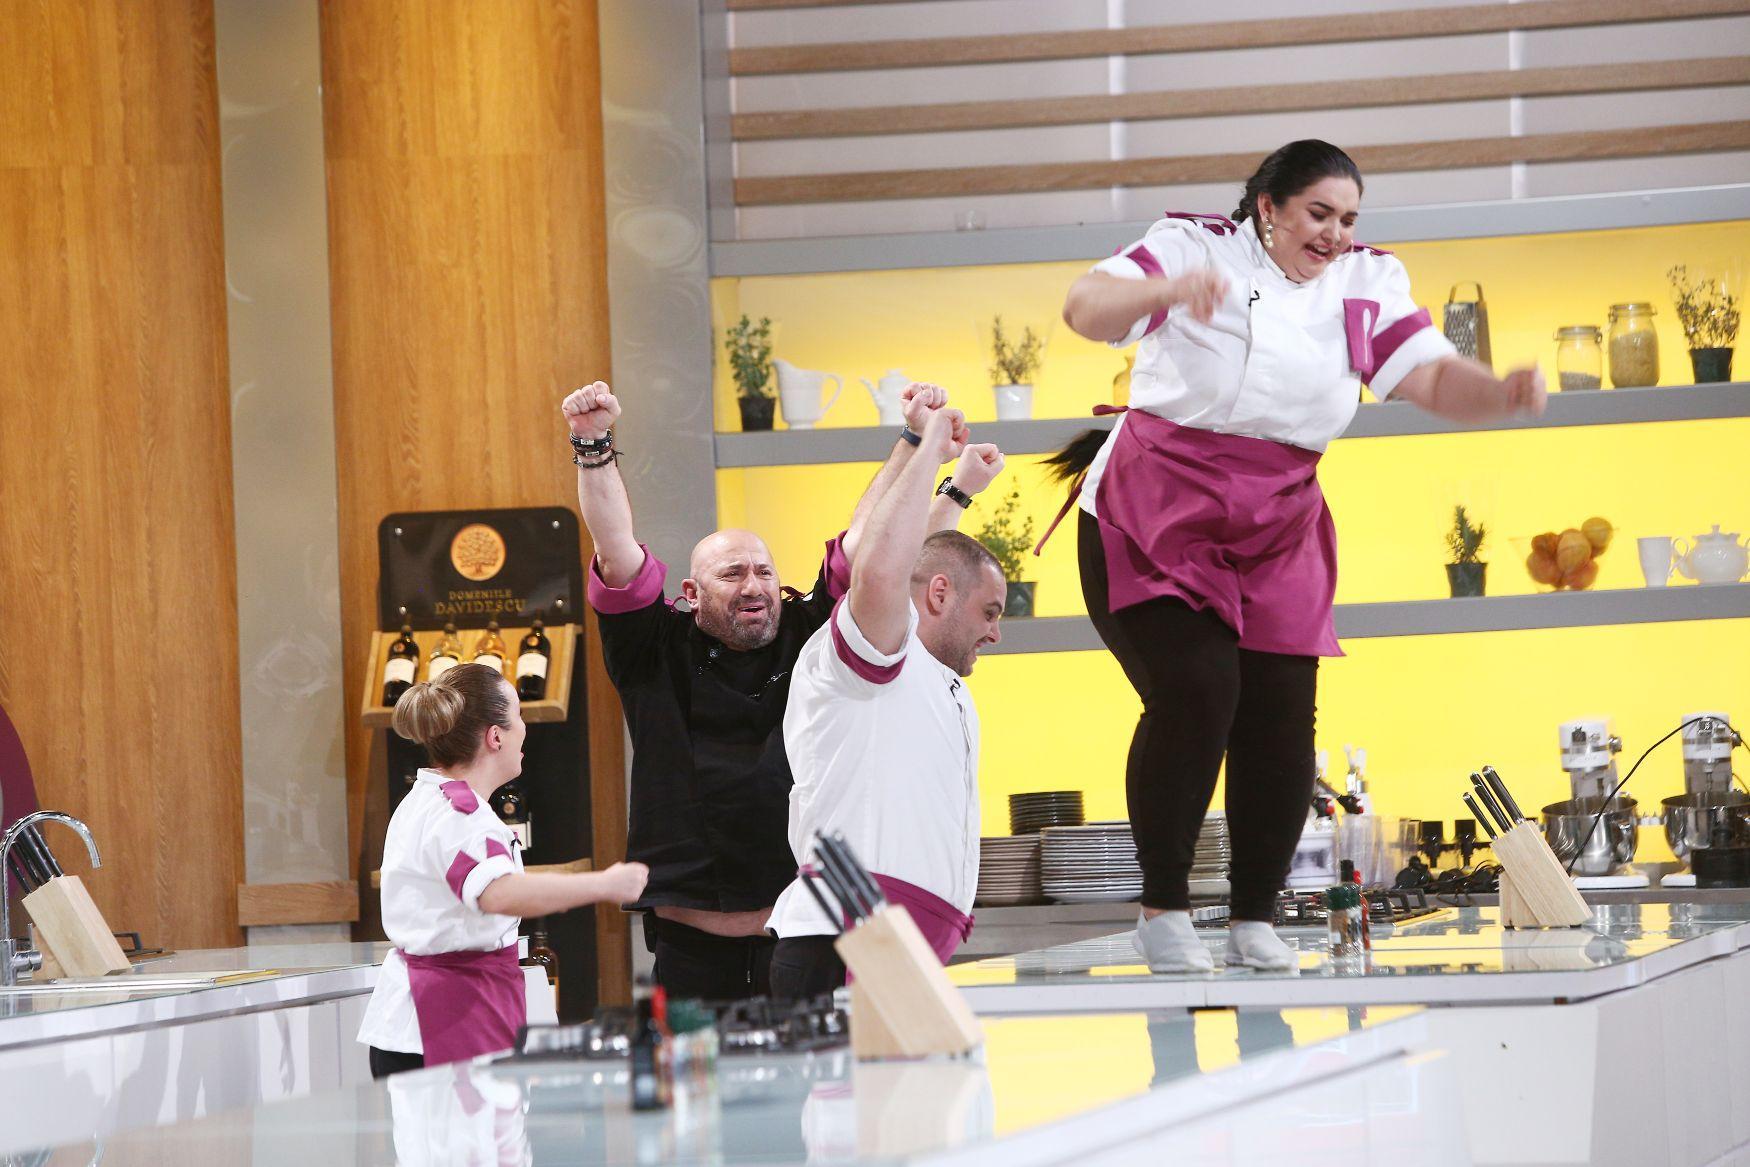 Aseară, când show-ul a fost lider de piață. Chef Scărlătescu și echipa mov, o nouă victorie în minoritate numerică